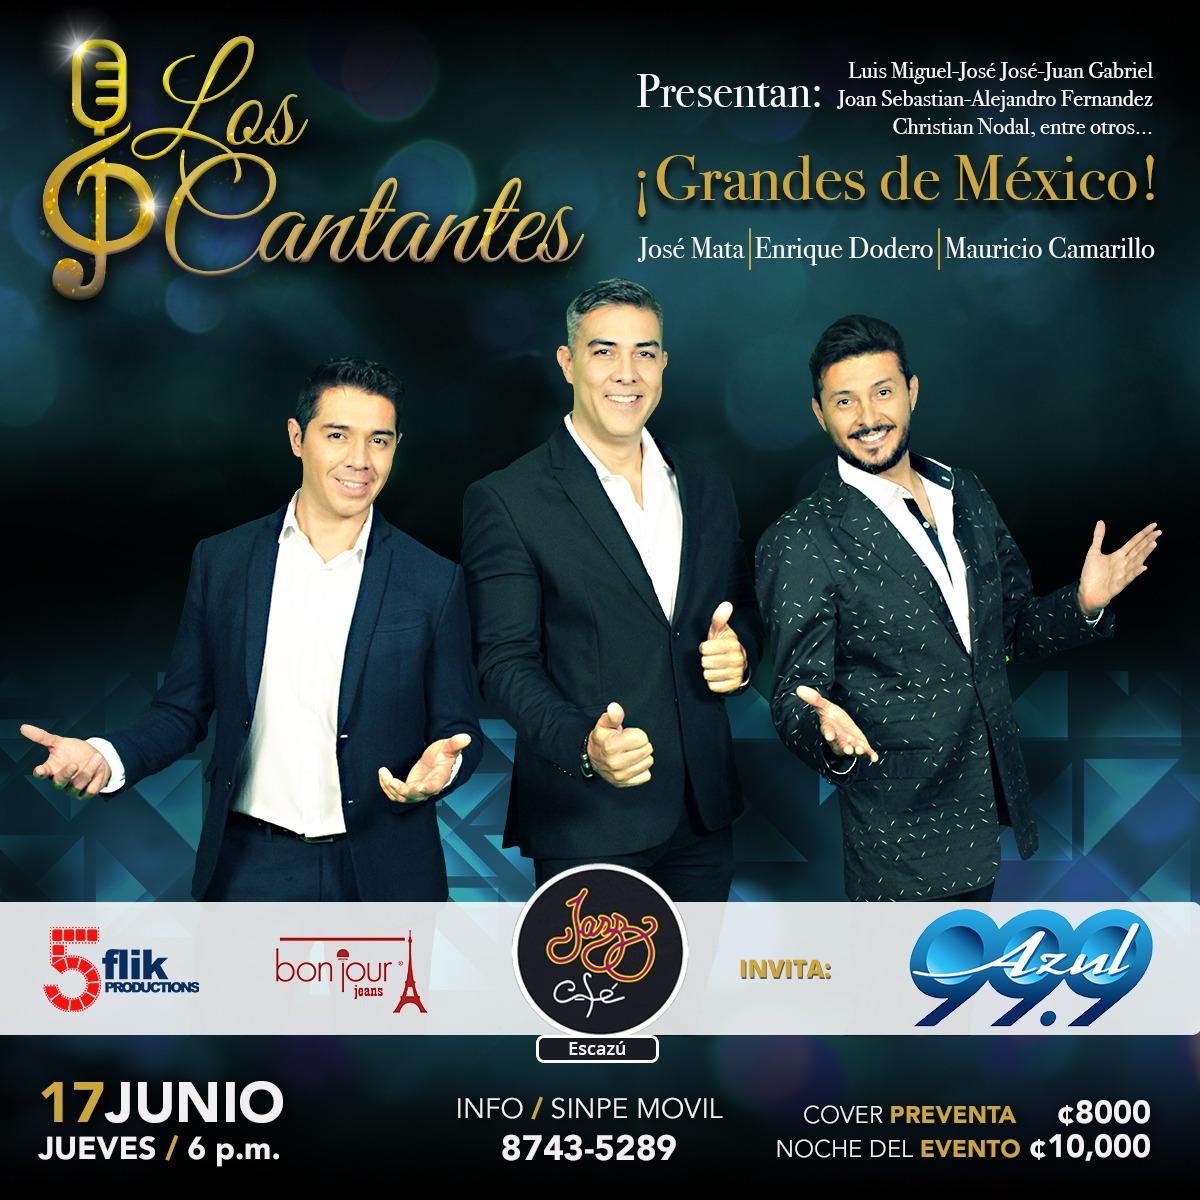 Los Cantantes presentan: Grandes de México